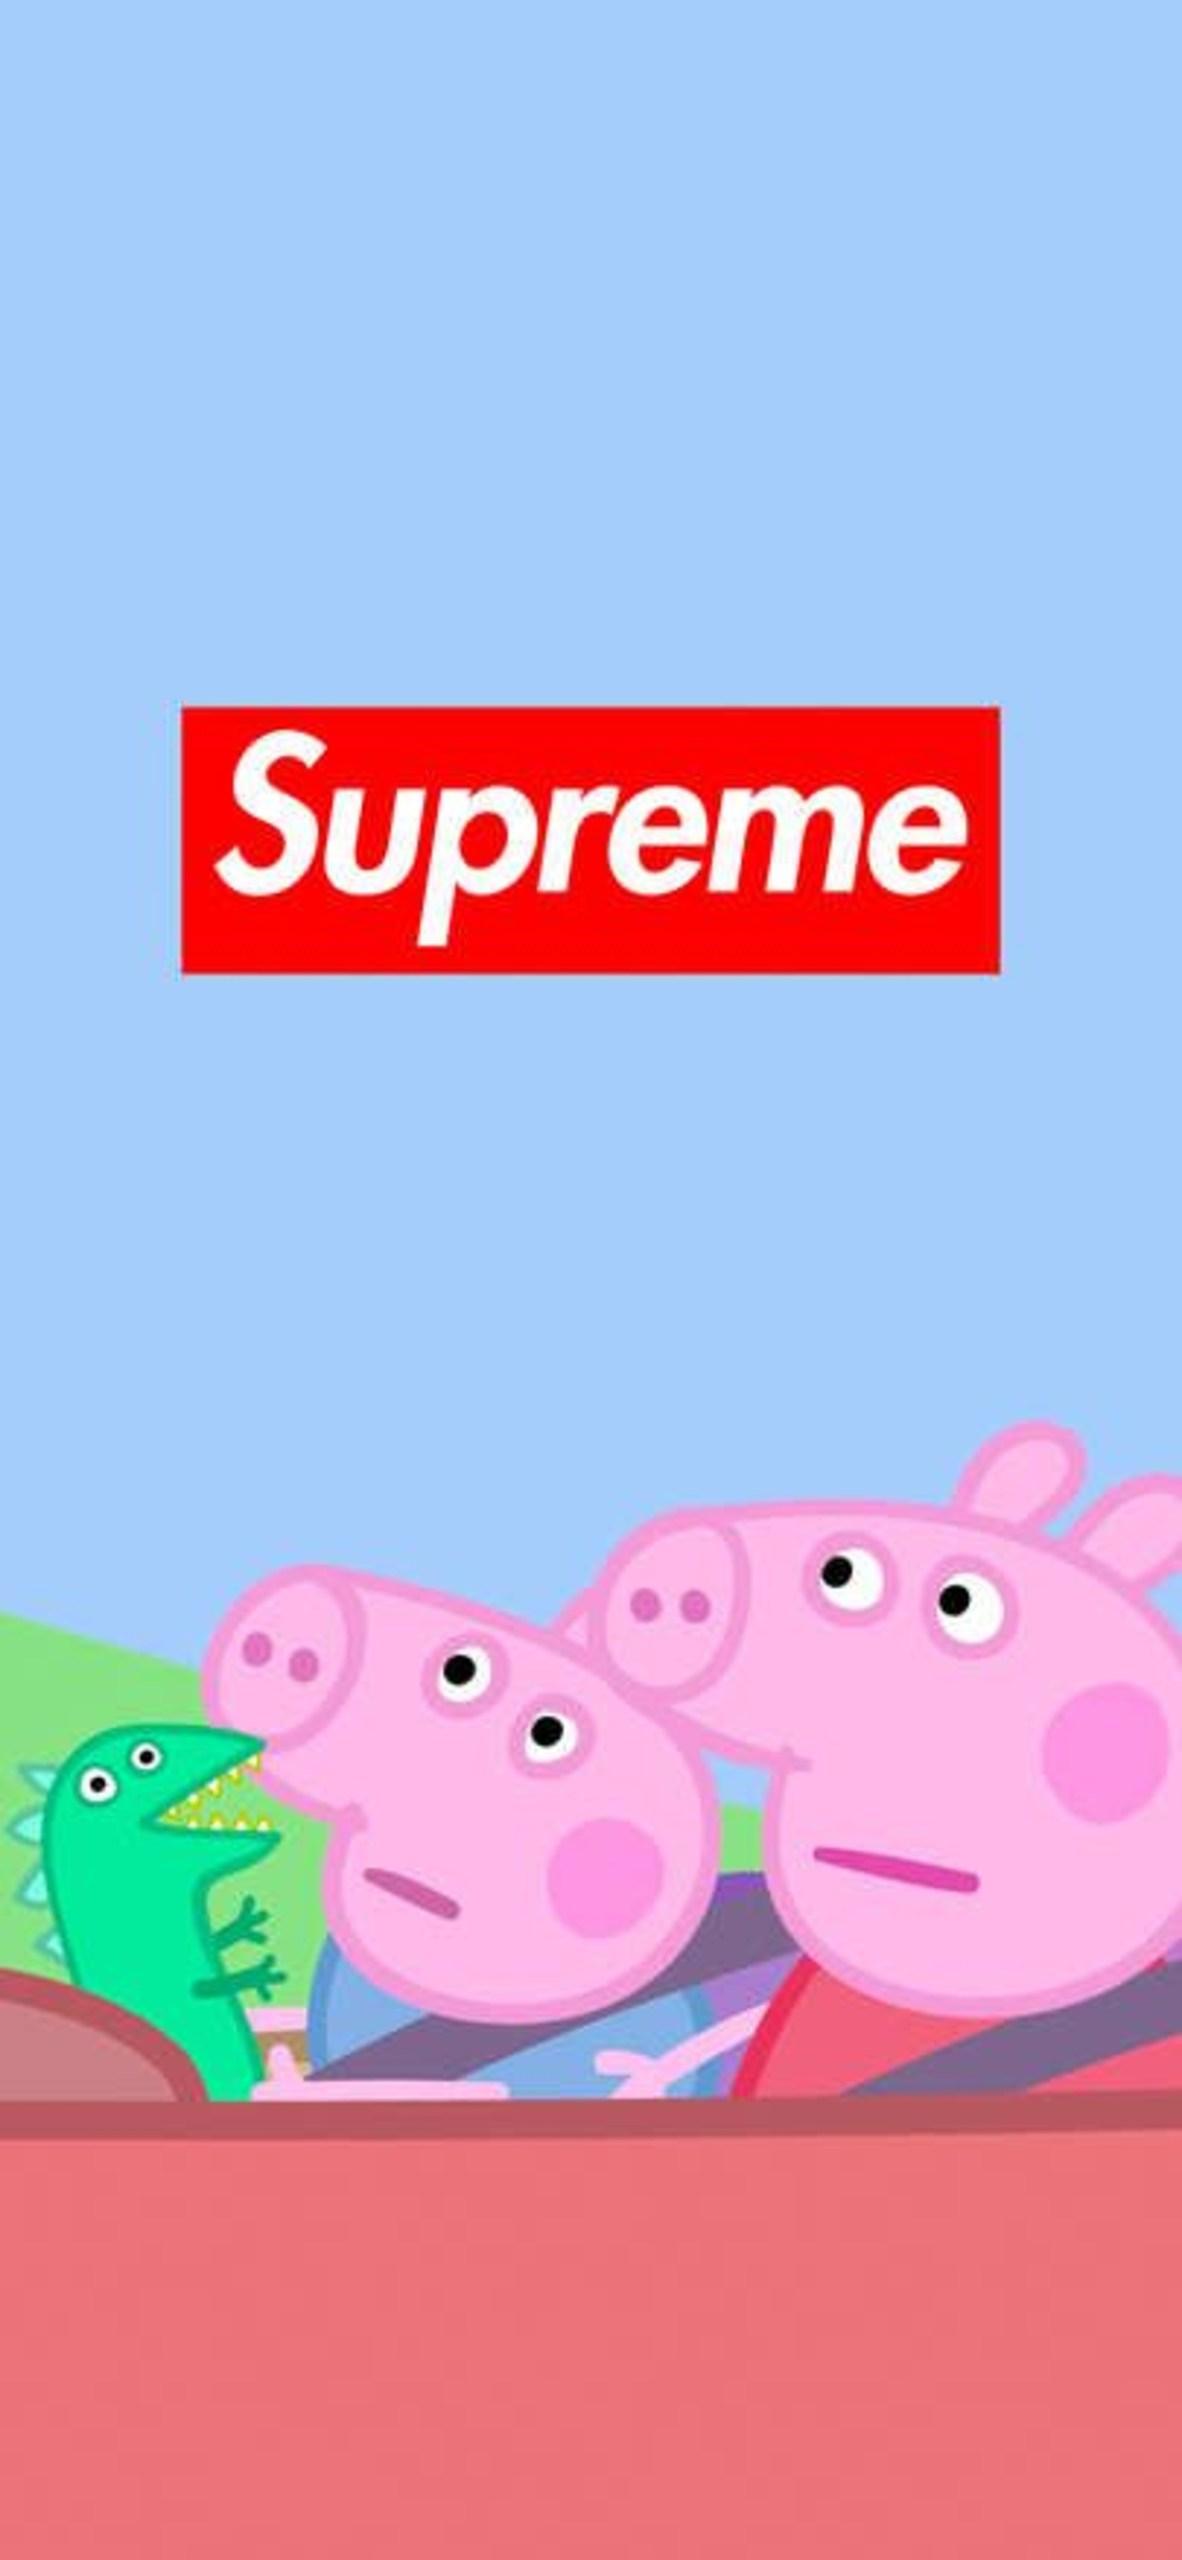 Peppa Pig Home Screen   1182x2560 Wallpaper   teahubio 1182x2560